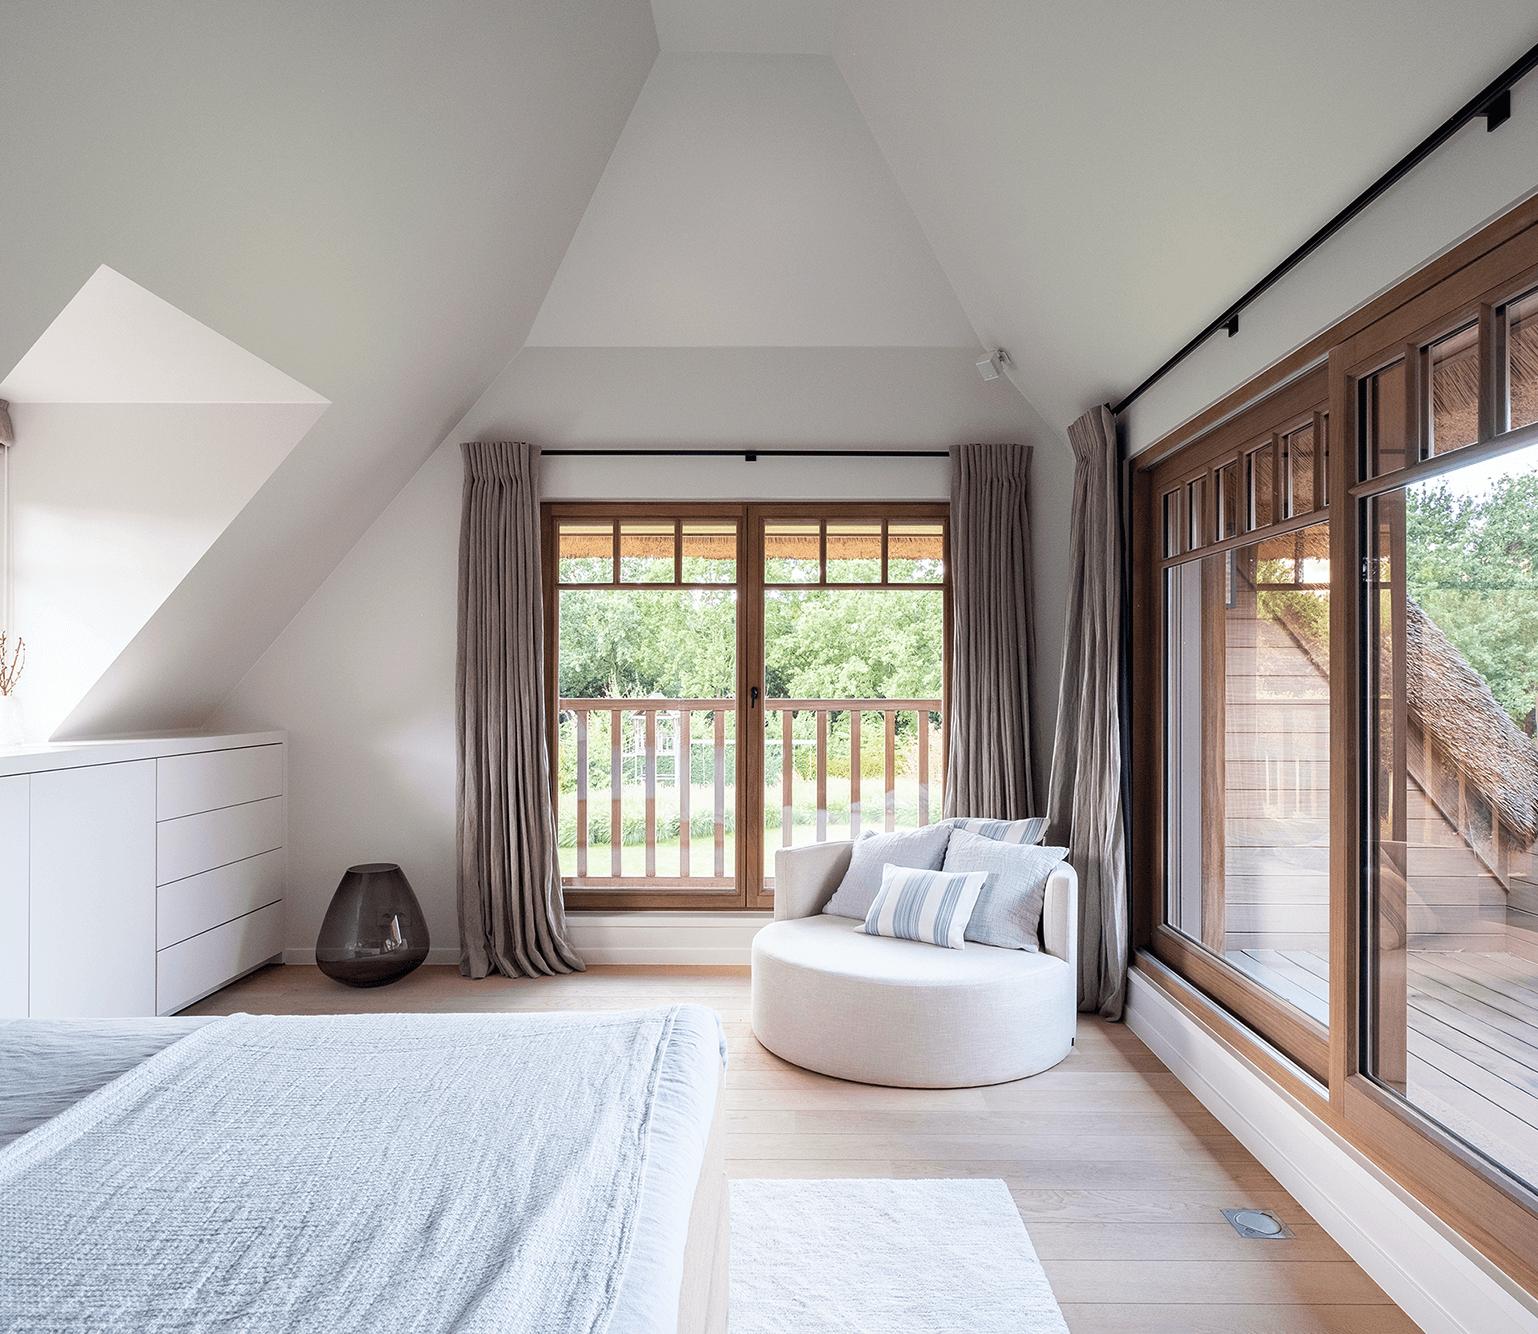 Afbeelding Slaapkamers - Decota Interieur